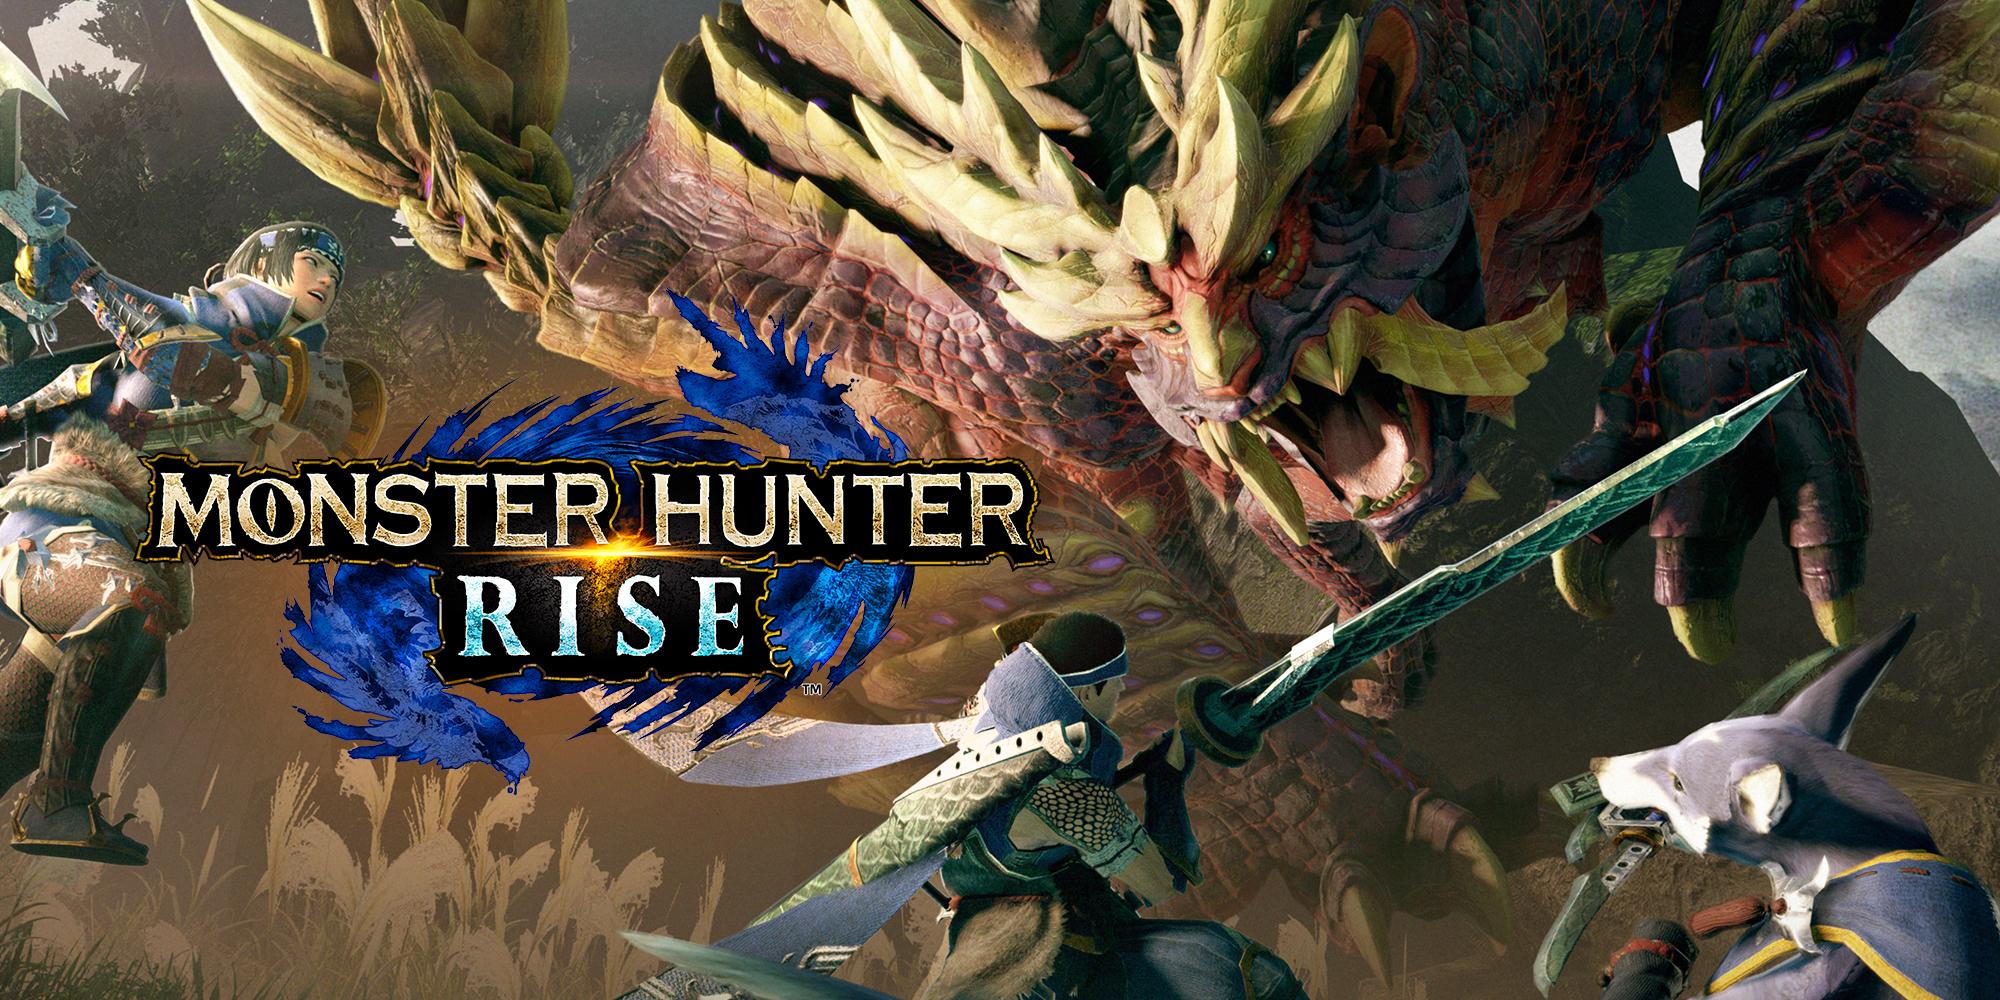 monster hunter rise doomcast